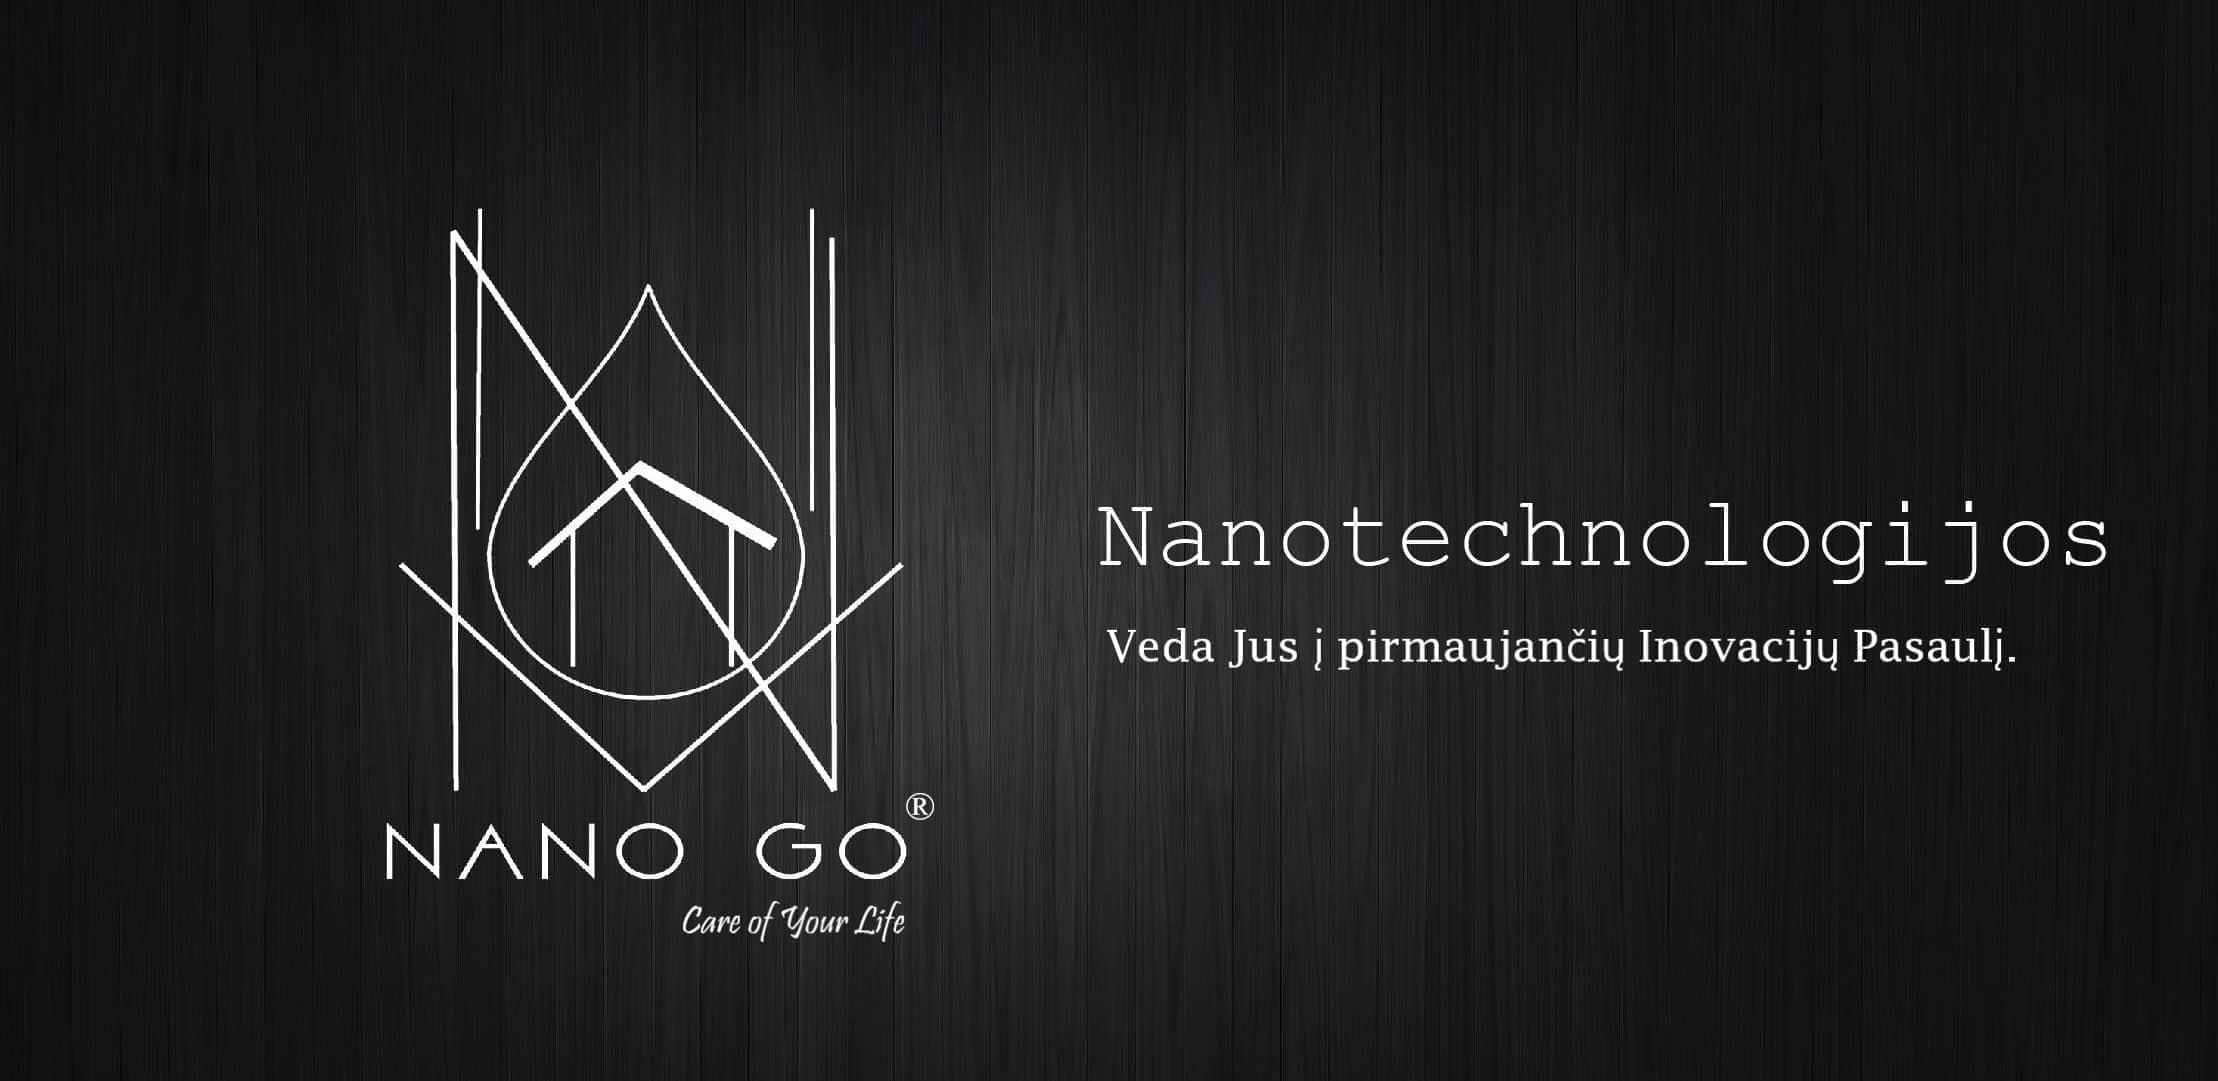 nano-go lietuva-nano-technologij